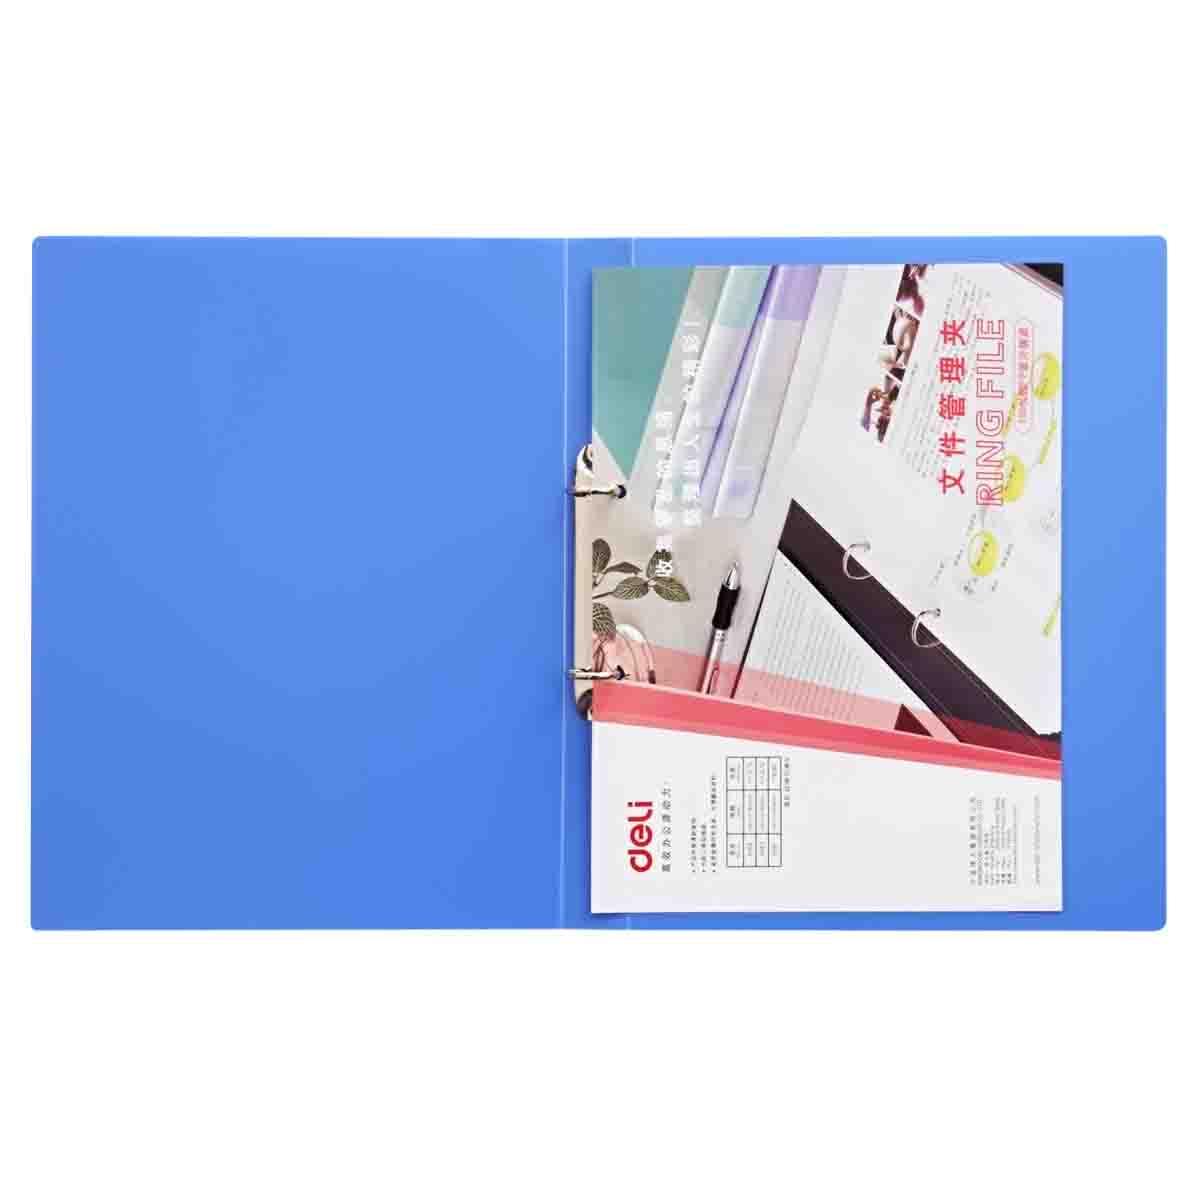 出口得力文件夹质优价廉-河北精伦商贸提供品牌好的文件夹